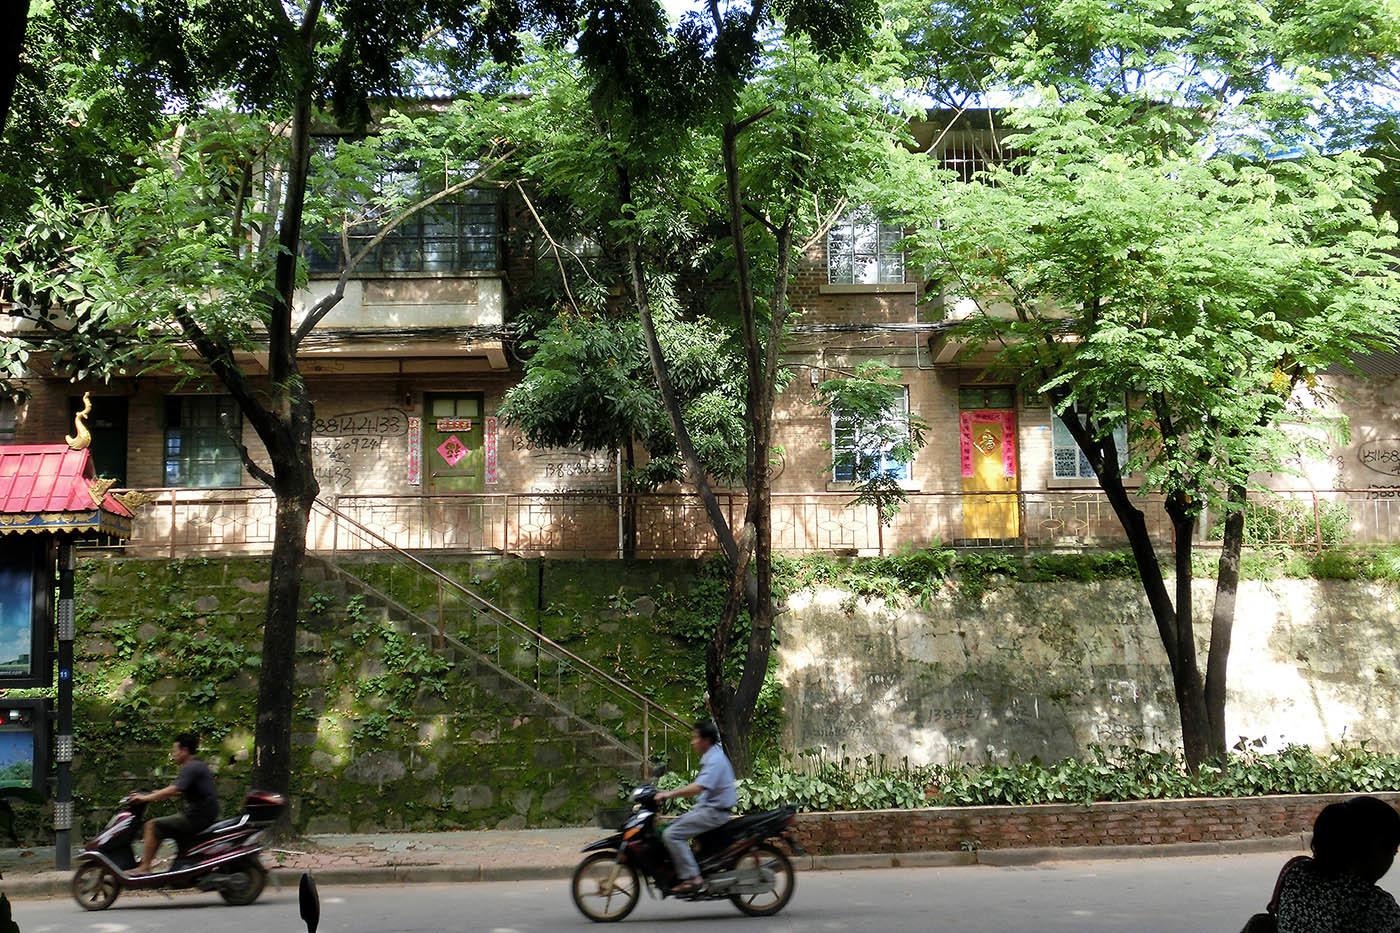 勐臘の緩やかな下り坂と集合住宅_e0100152_20570555.jpg